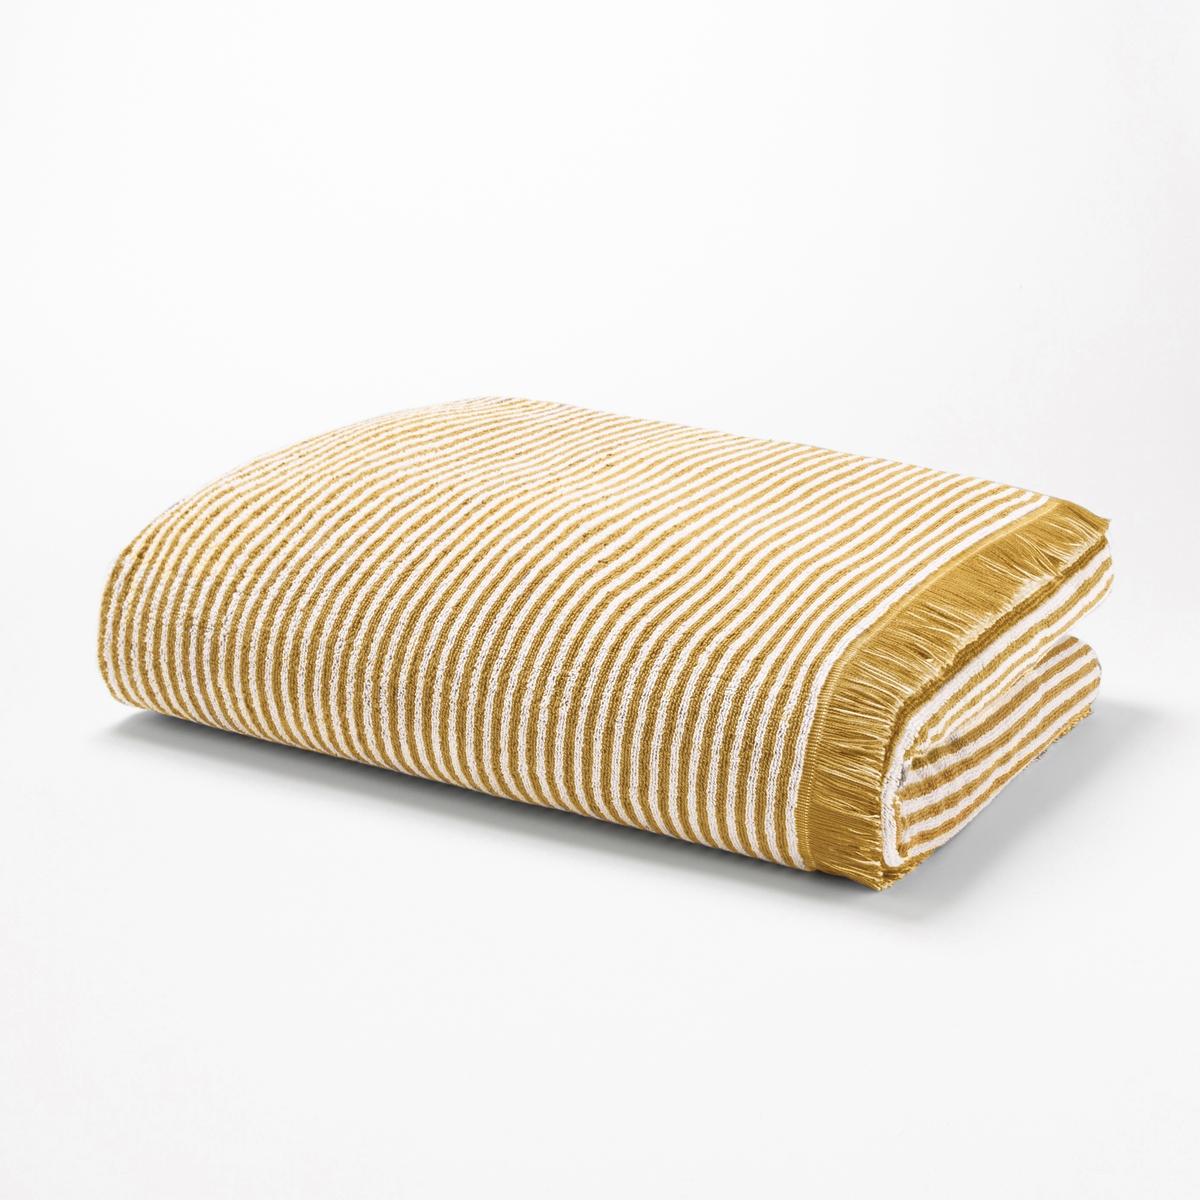 Полотенце в полоску из махровой ткани HARMONYОписание:Из мягкой и нежной махровой ткани, элегантное полотенце в полоску Harmony отлично сочетается с однотонными полотенцами. Сделано в Португалии.Характеристики полотенца из махровой ткани Harmony:Махровая ткань, 100% хлопок, 500 г/м?.Рисунок в полоску на белом фоне, отделка бахромой.Машинная стирка при 60° и барабанная сушка.Размеры полотенца из махровой ткани Harmony :50 x 100 смОткройте для себя всю коллекцию Harmony на сайте laredoute.ruЗнак Oeko-Tex® гарантирует, что товары протестированы и сертифицированы и не содержат опасных для здоровья человека веществ.<br><br>Цвет: желтый кукурузный